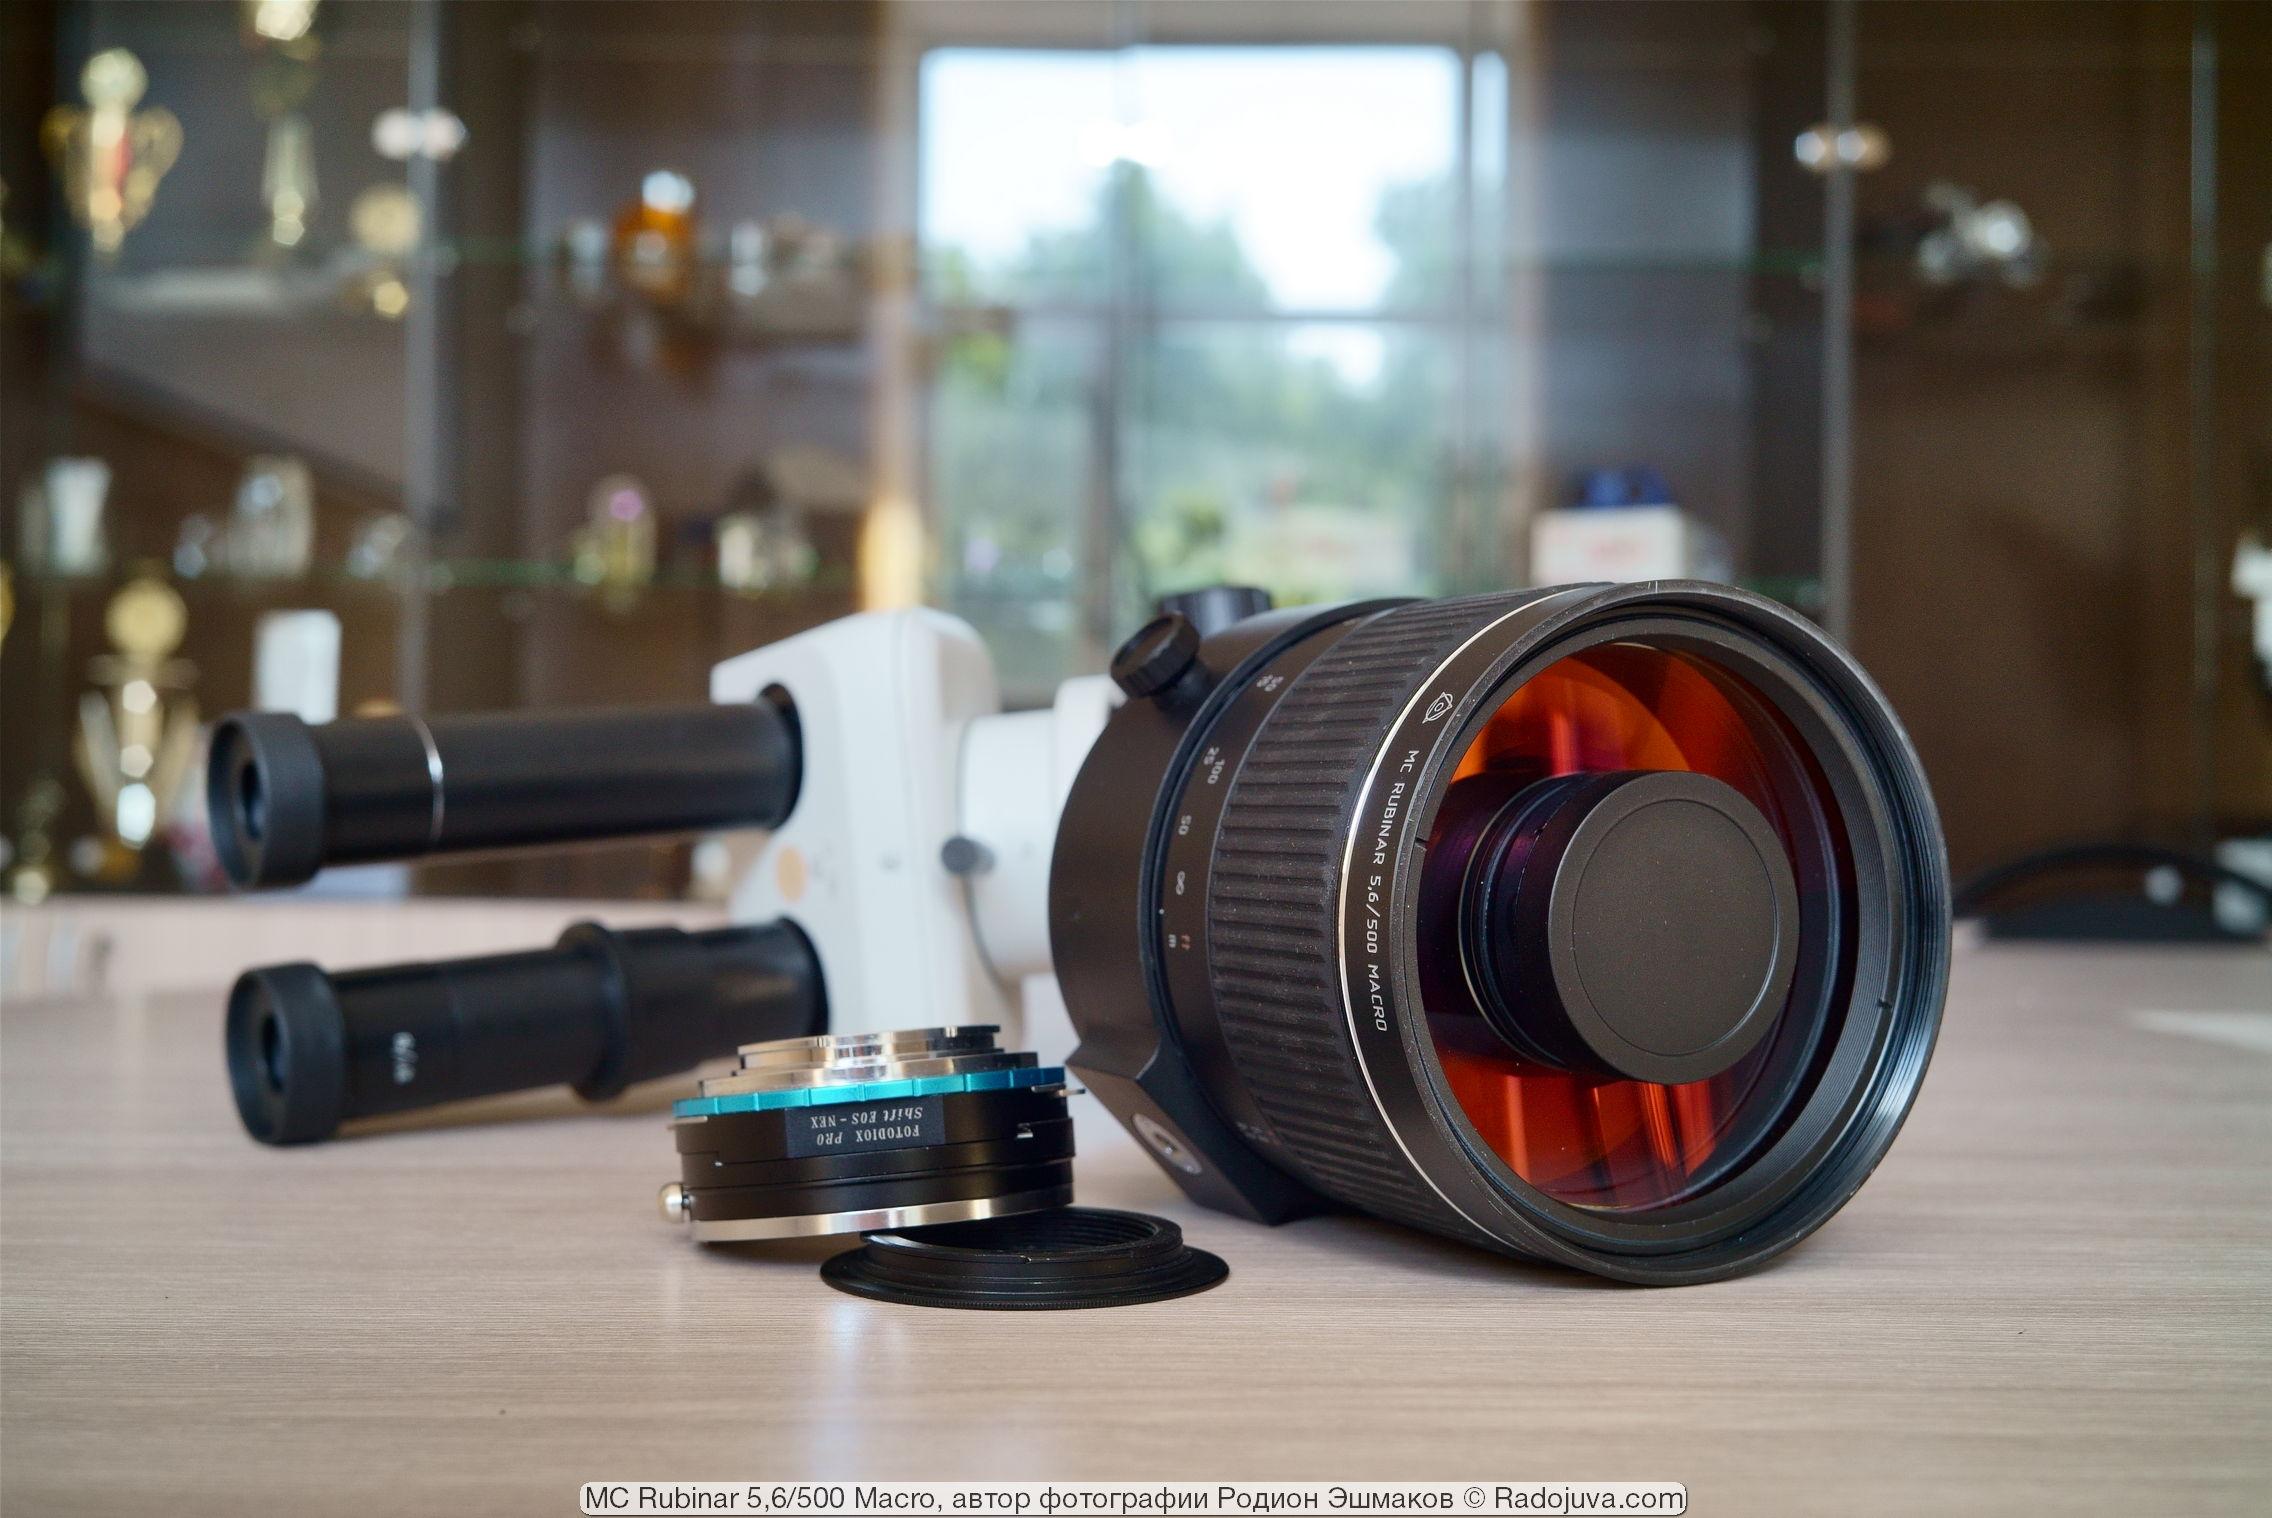 Рубинар 500/5.6, адаптеры для установки на камеру и микроскопная голова (тоже ЛЗОС) на заднем плане — для антуража.